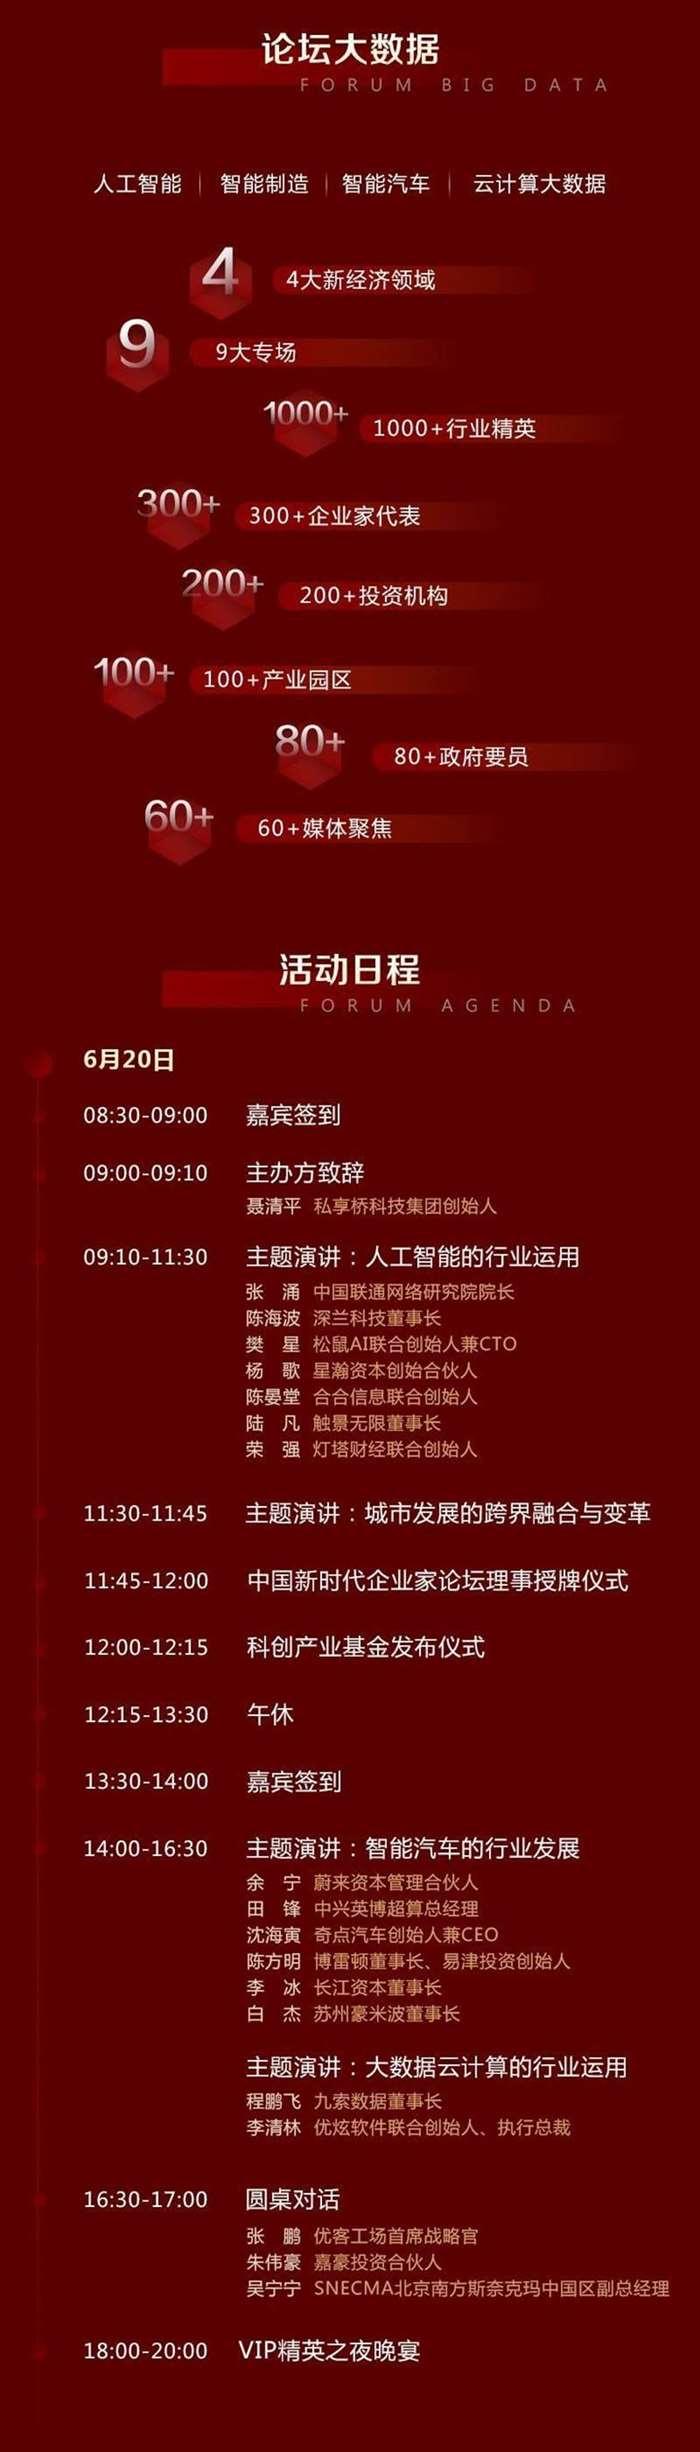 北京峰会长图506_03-min.jpg